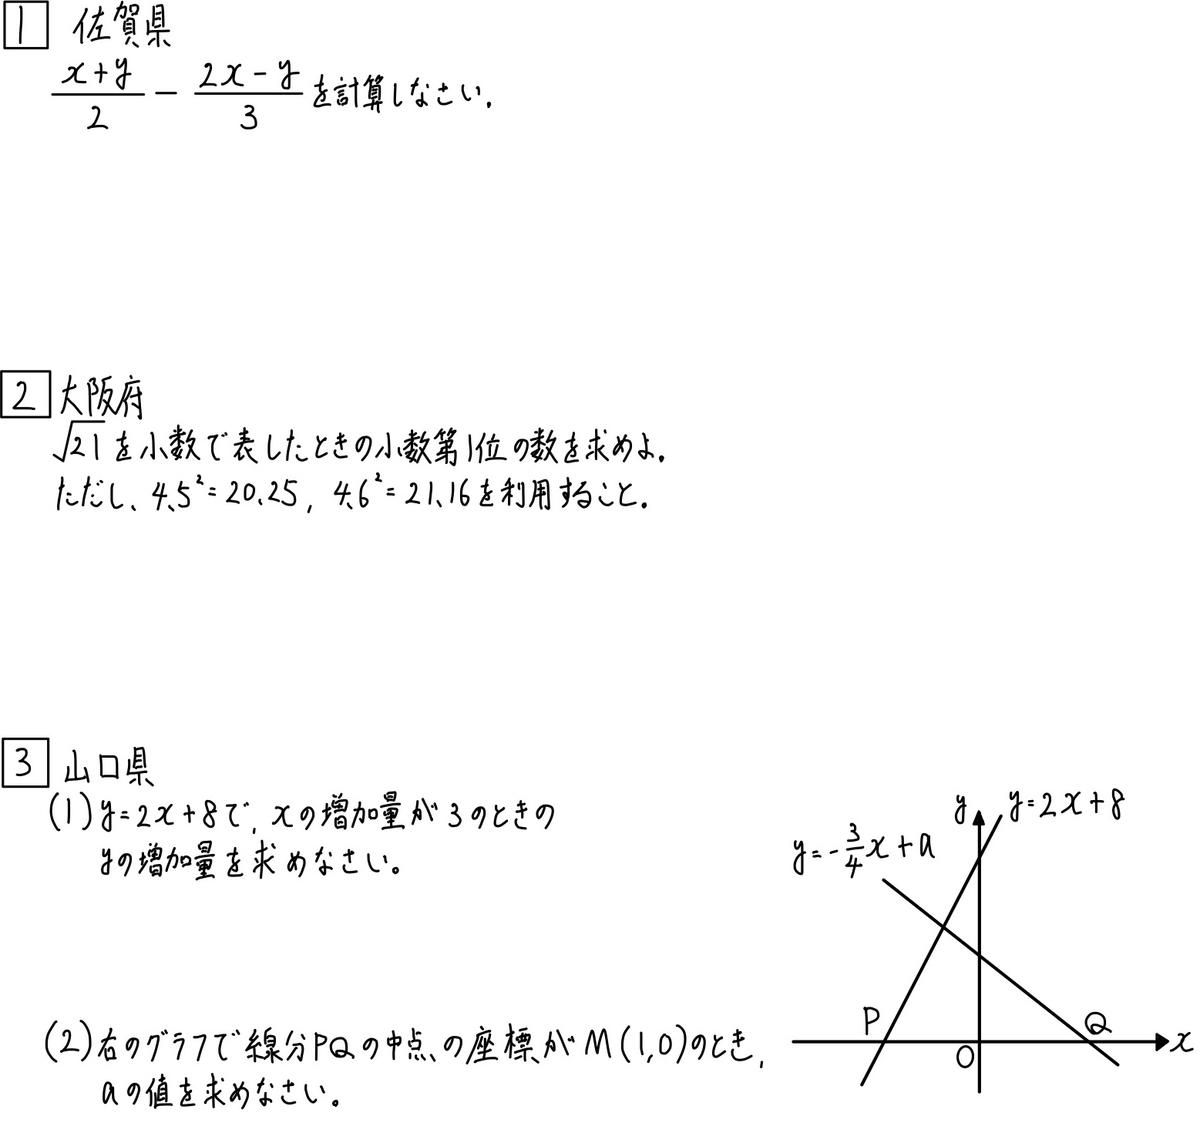 偏差値50突破への道No.1